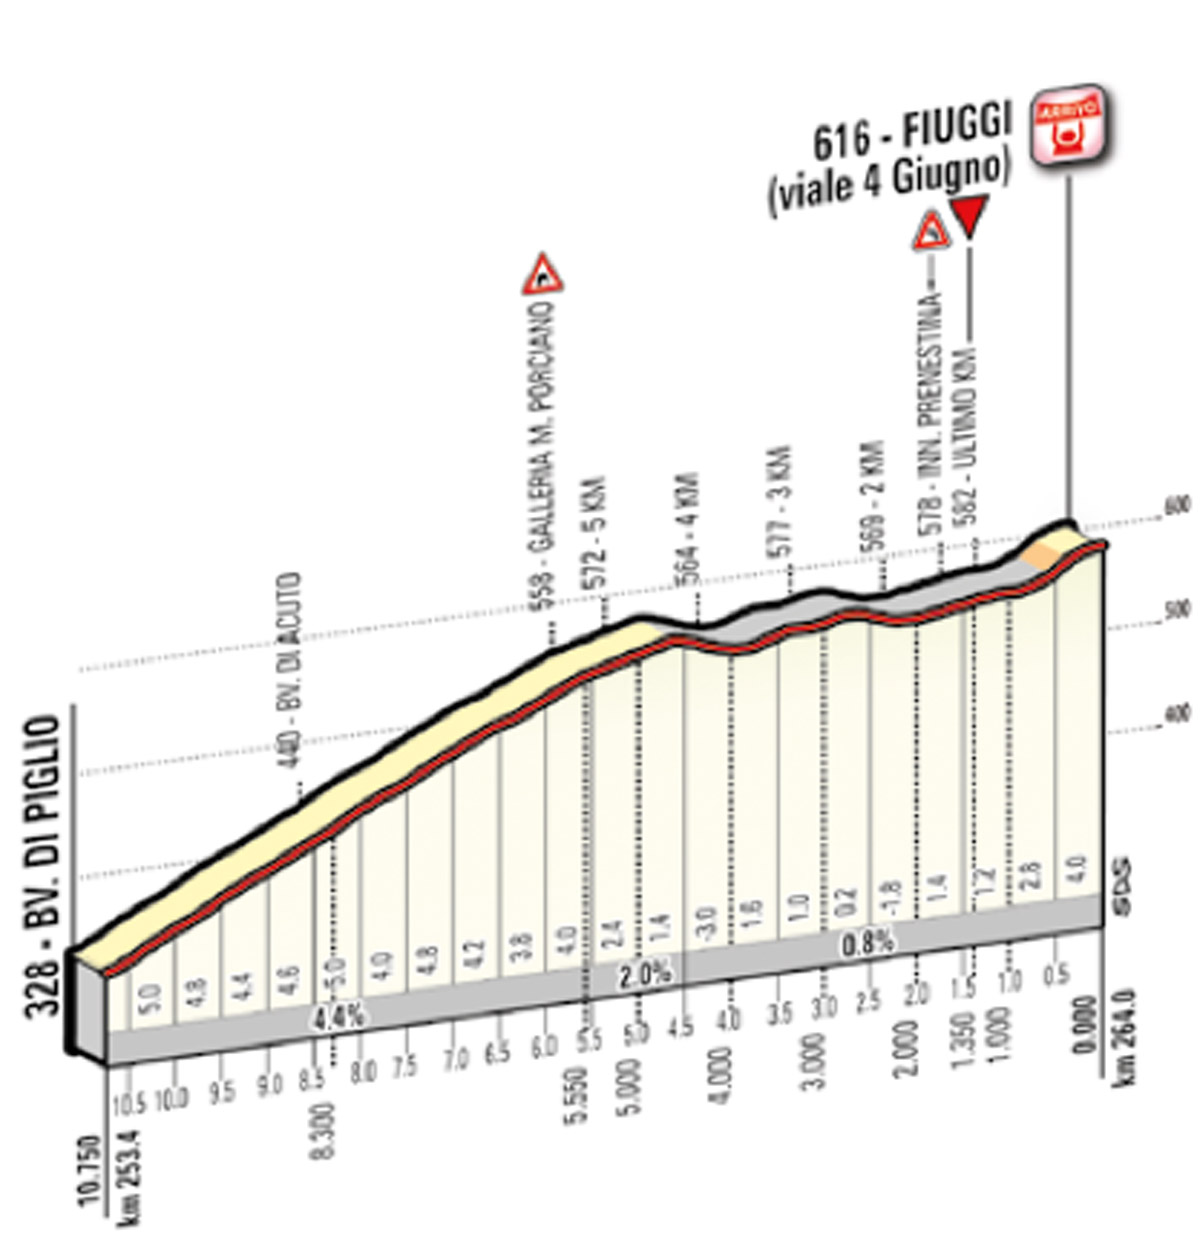 Profil letzte 10 km 7. Etappe